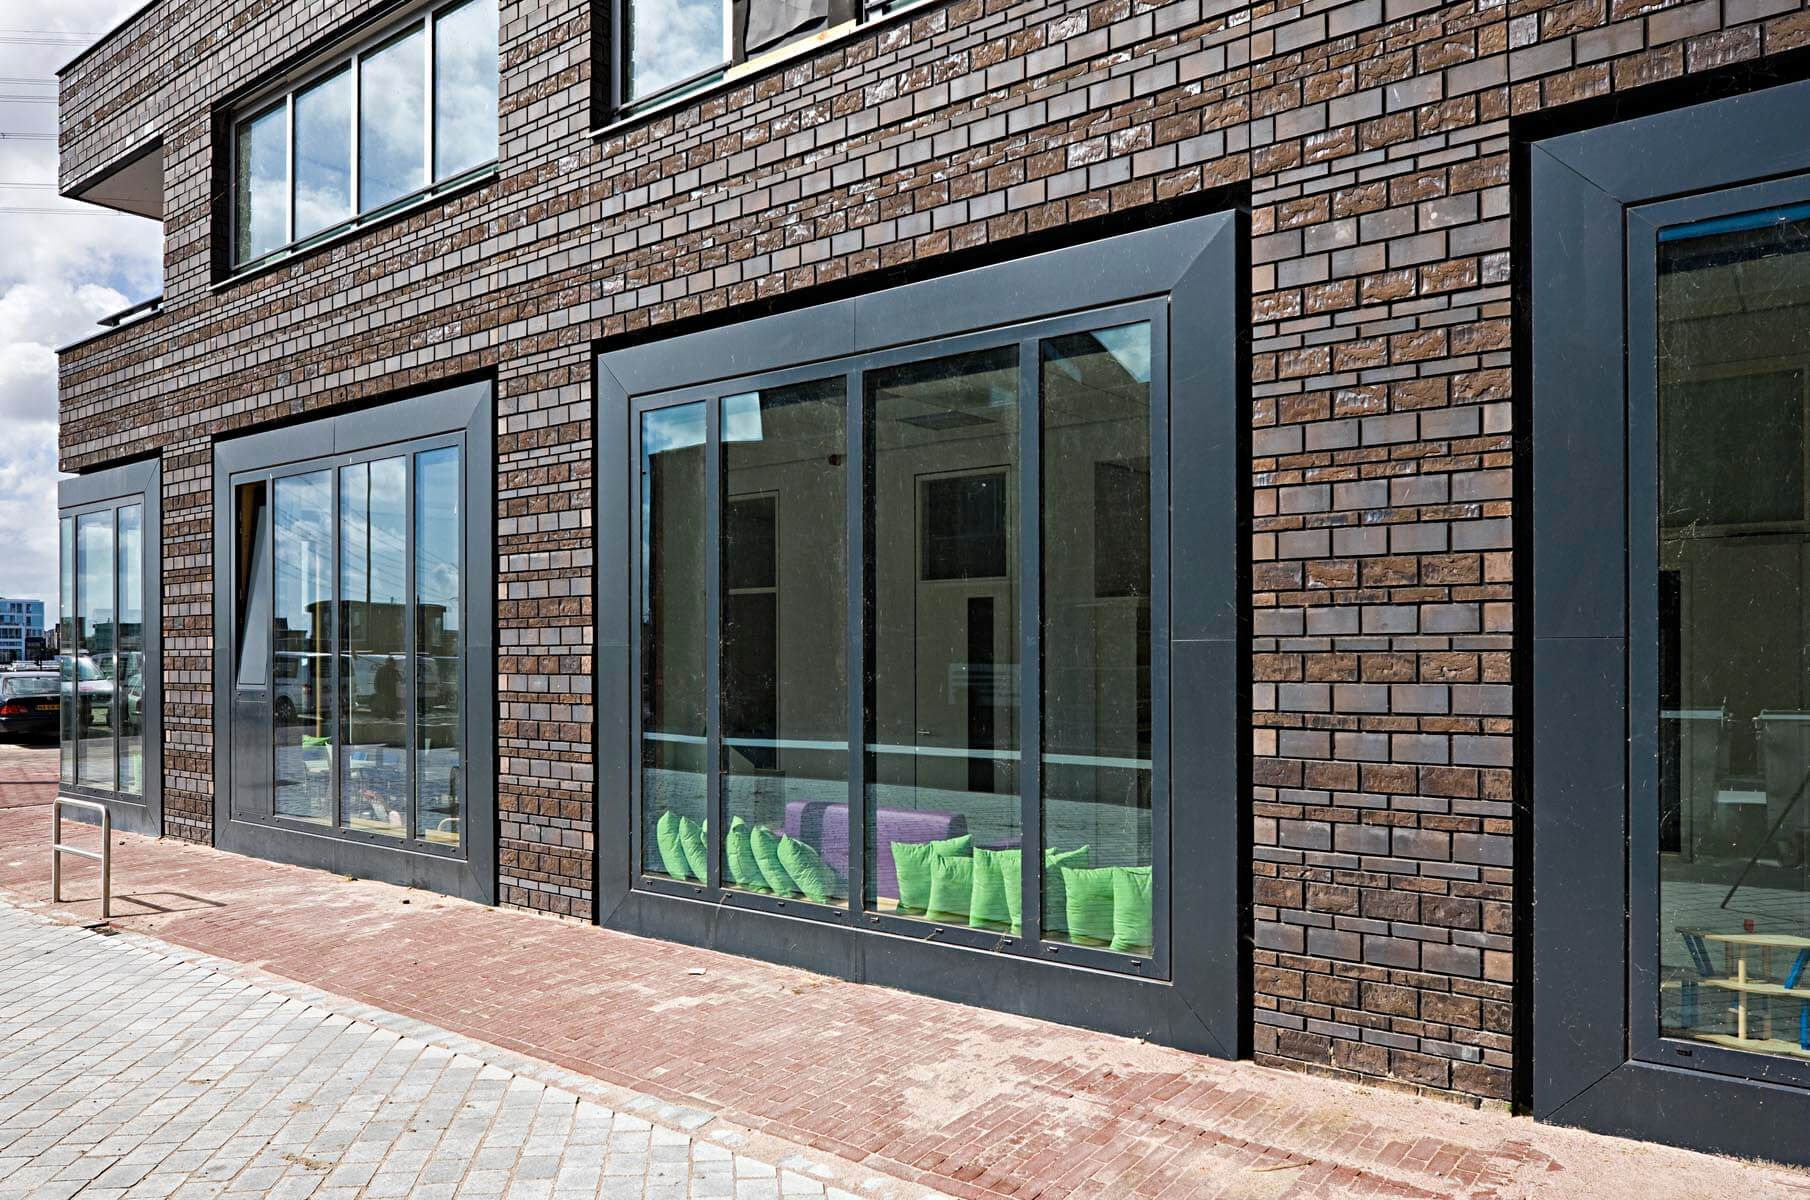 Appartementengebouw IJburg, Amsterdam - 9